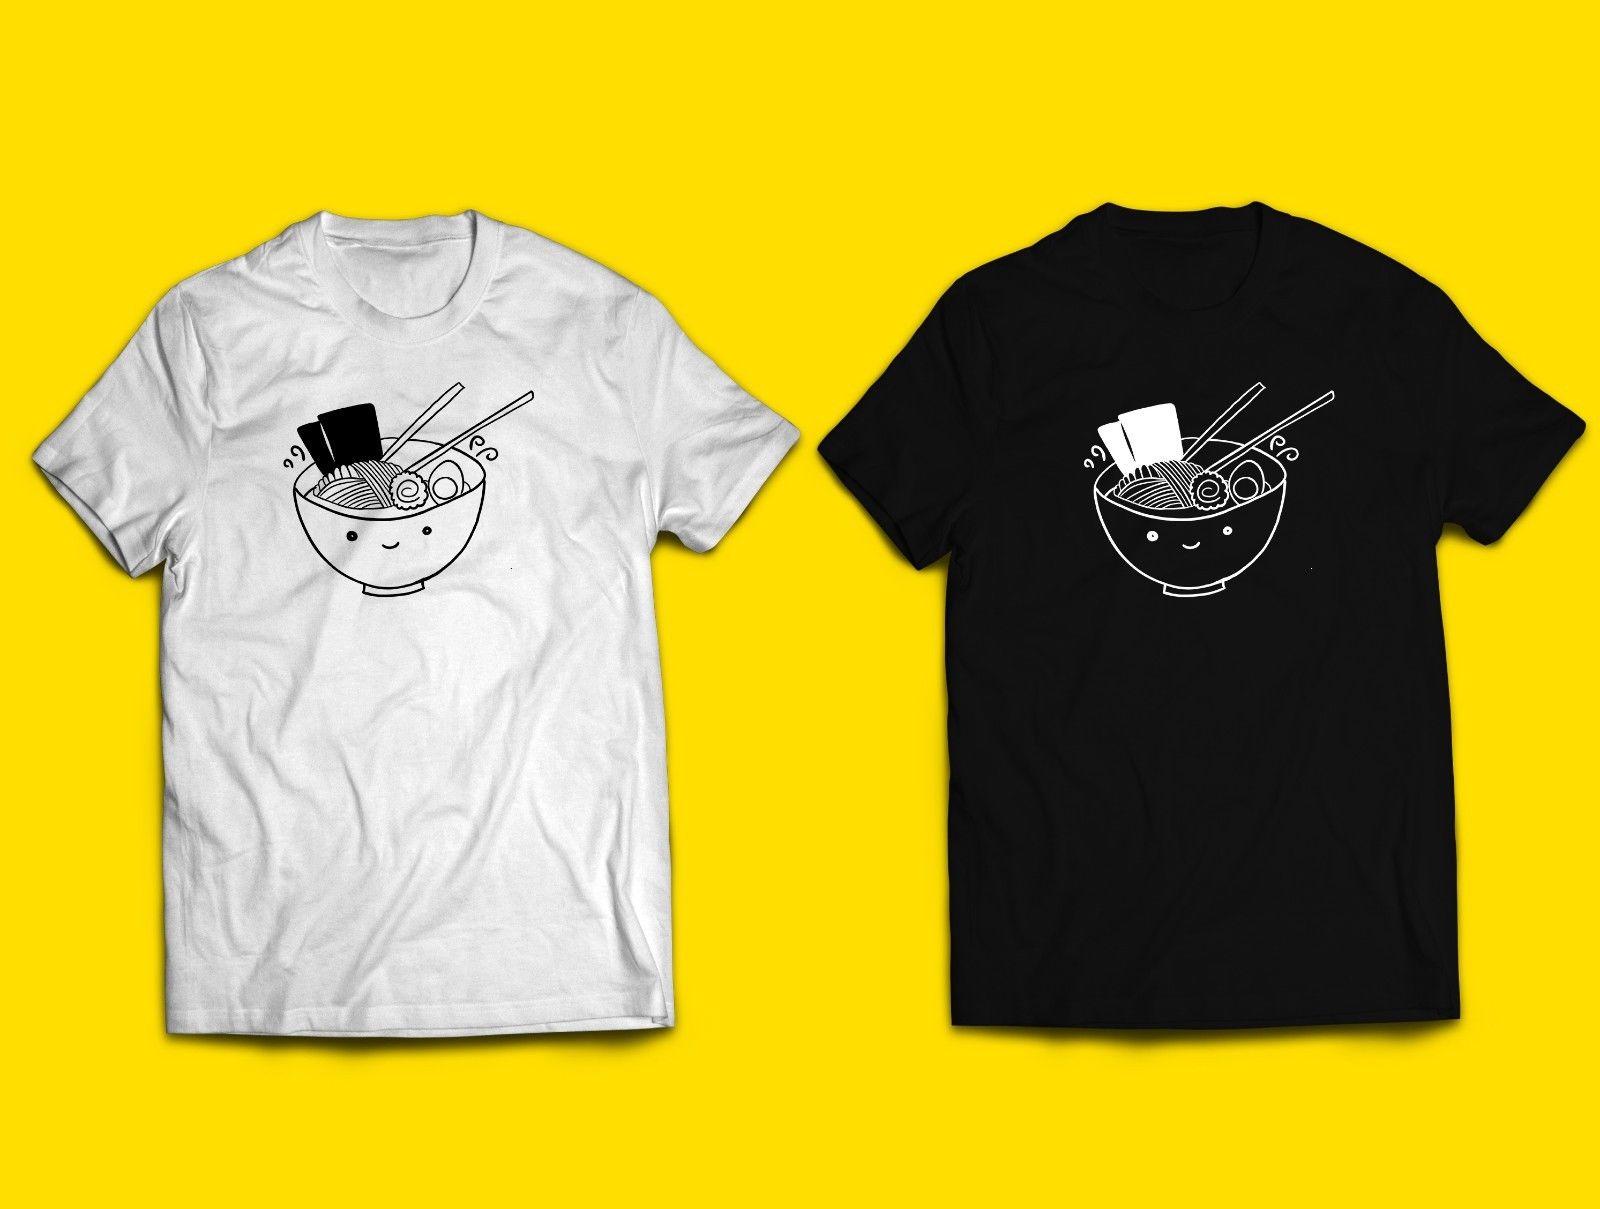 US $6 99 Ramen T Shirt Makanan Jepang Kawaii Anak Anak Orang Dewasa Wanita Uni Mie Lucu Minimal Kartun T Shirt Pria Uni Fashion Baru On